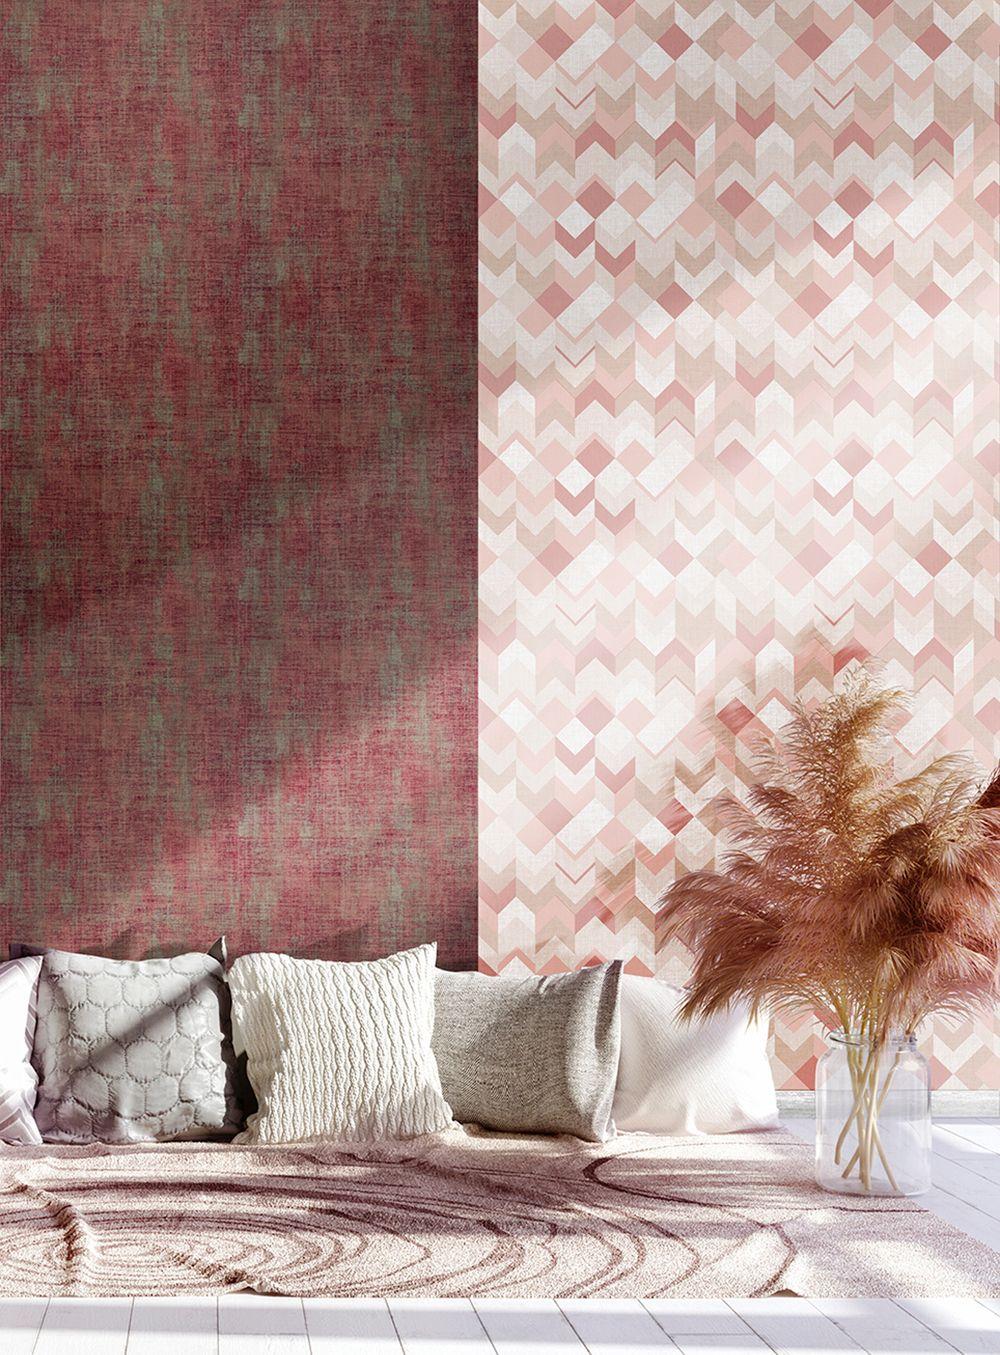 意大利进口壁纸墙纸,自然、清新,适合田园风格